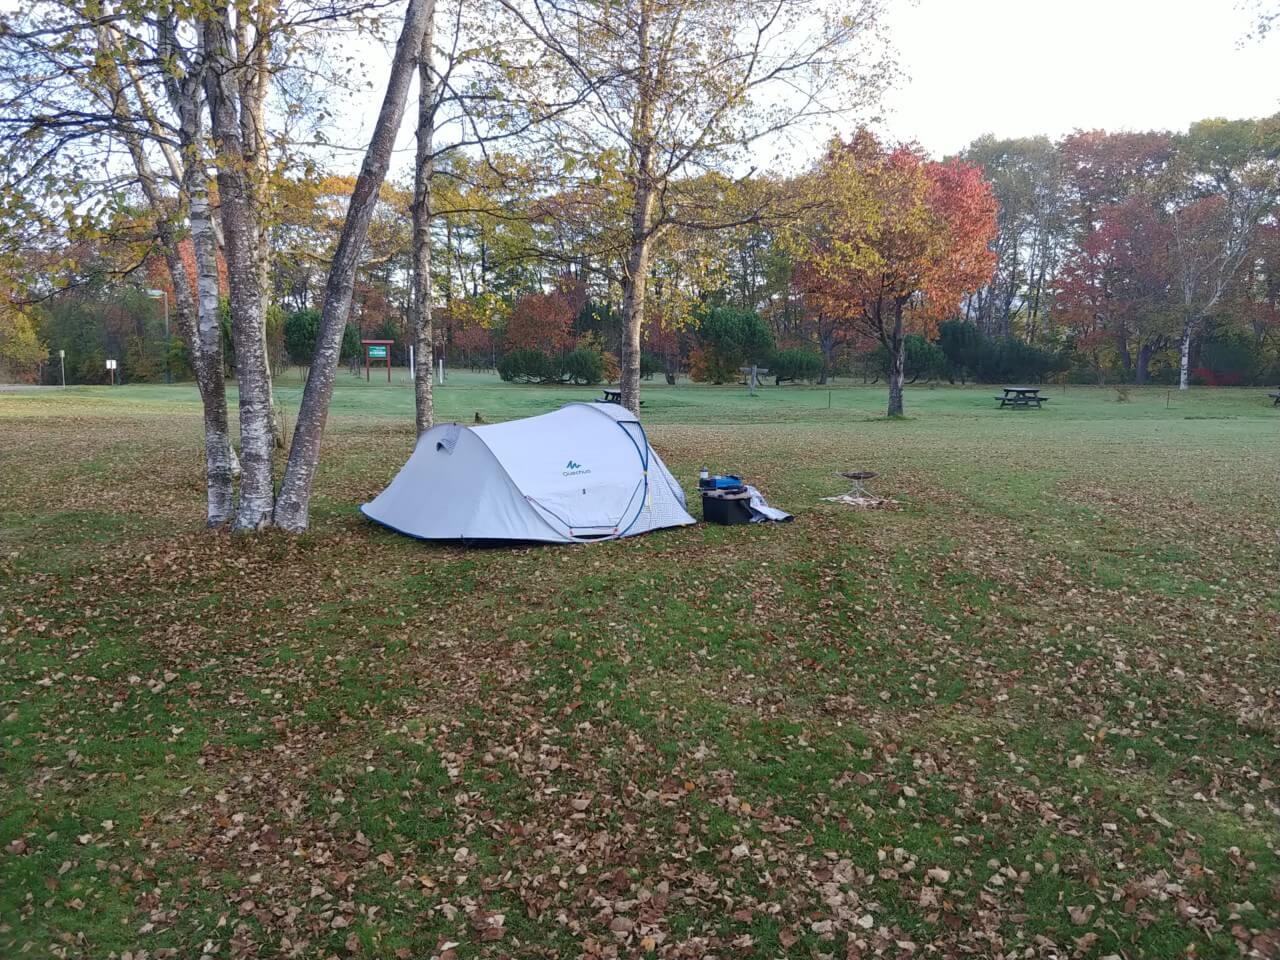 秋の冷え込む環境でケシュアポップアップテント